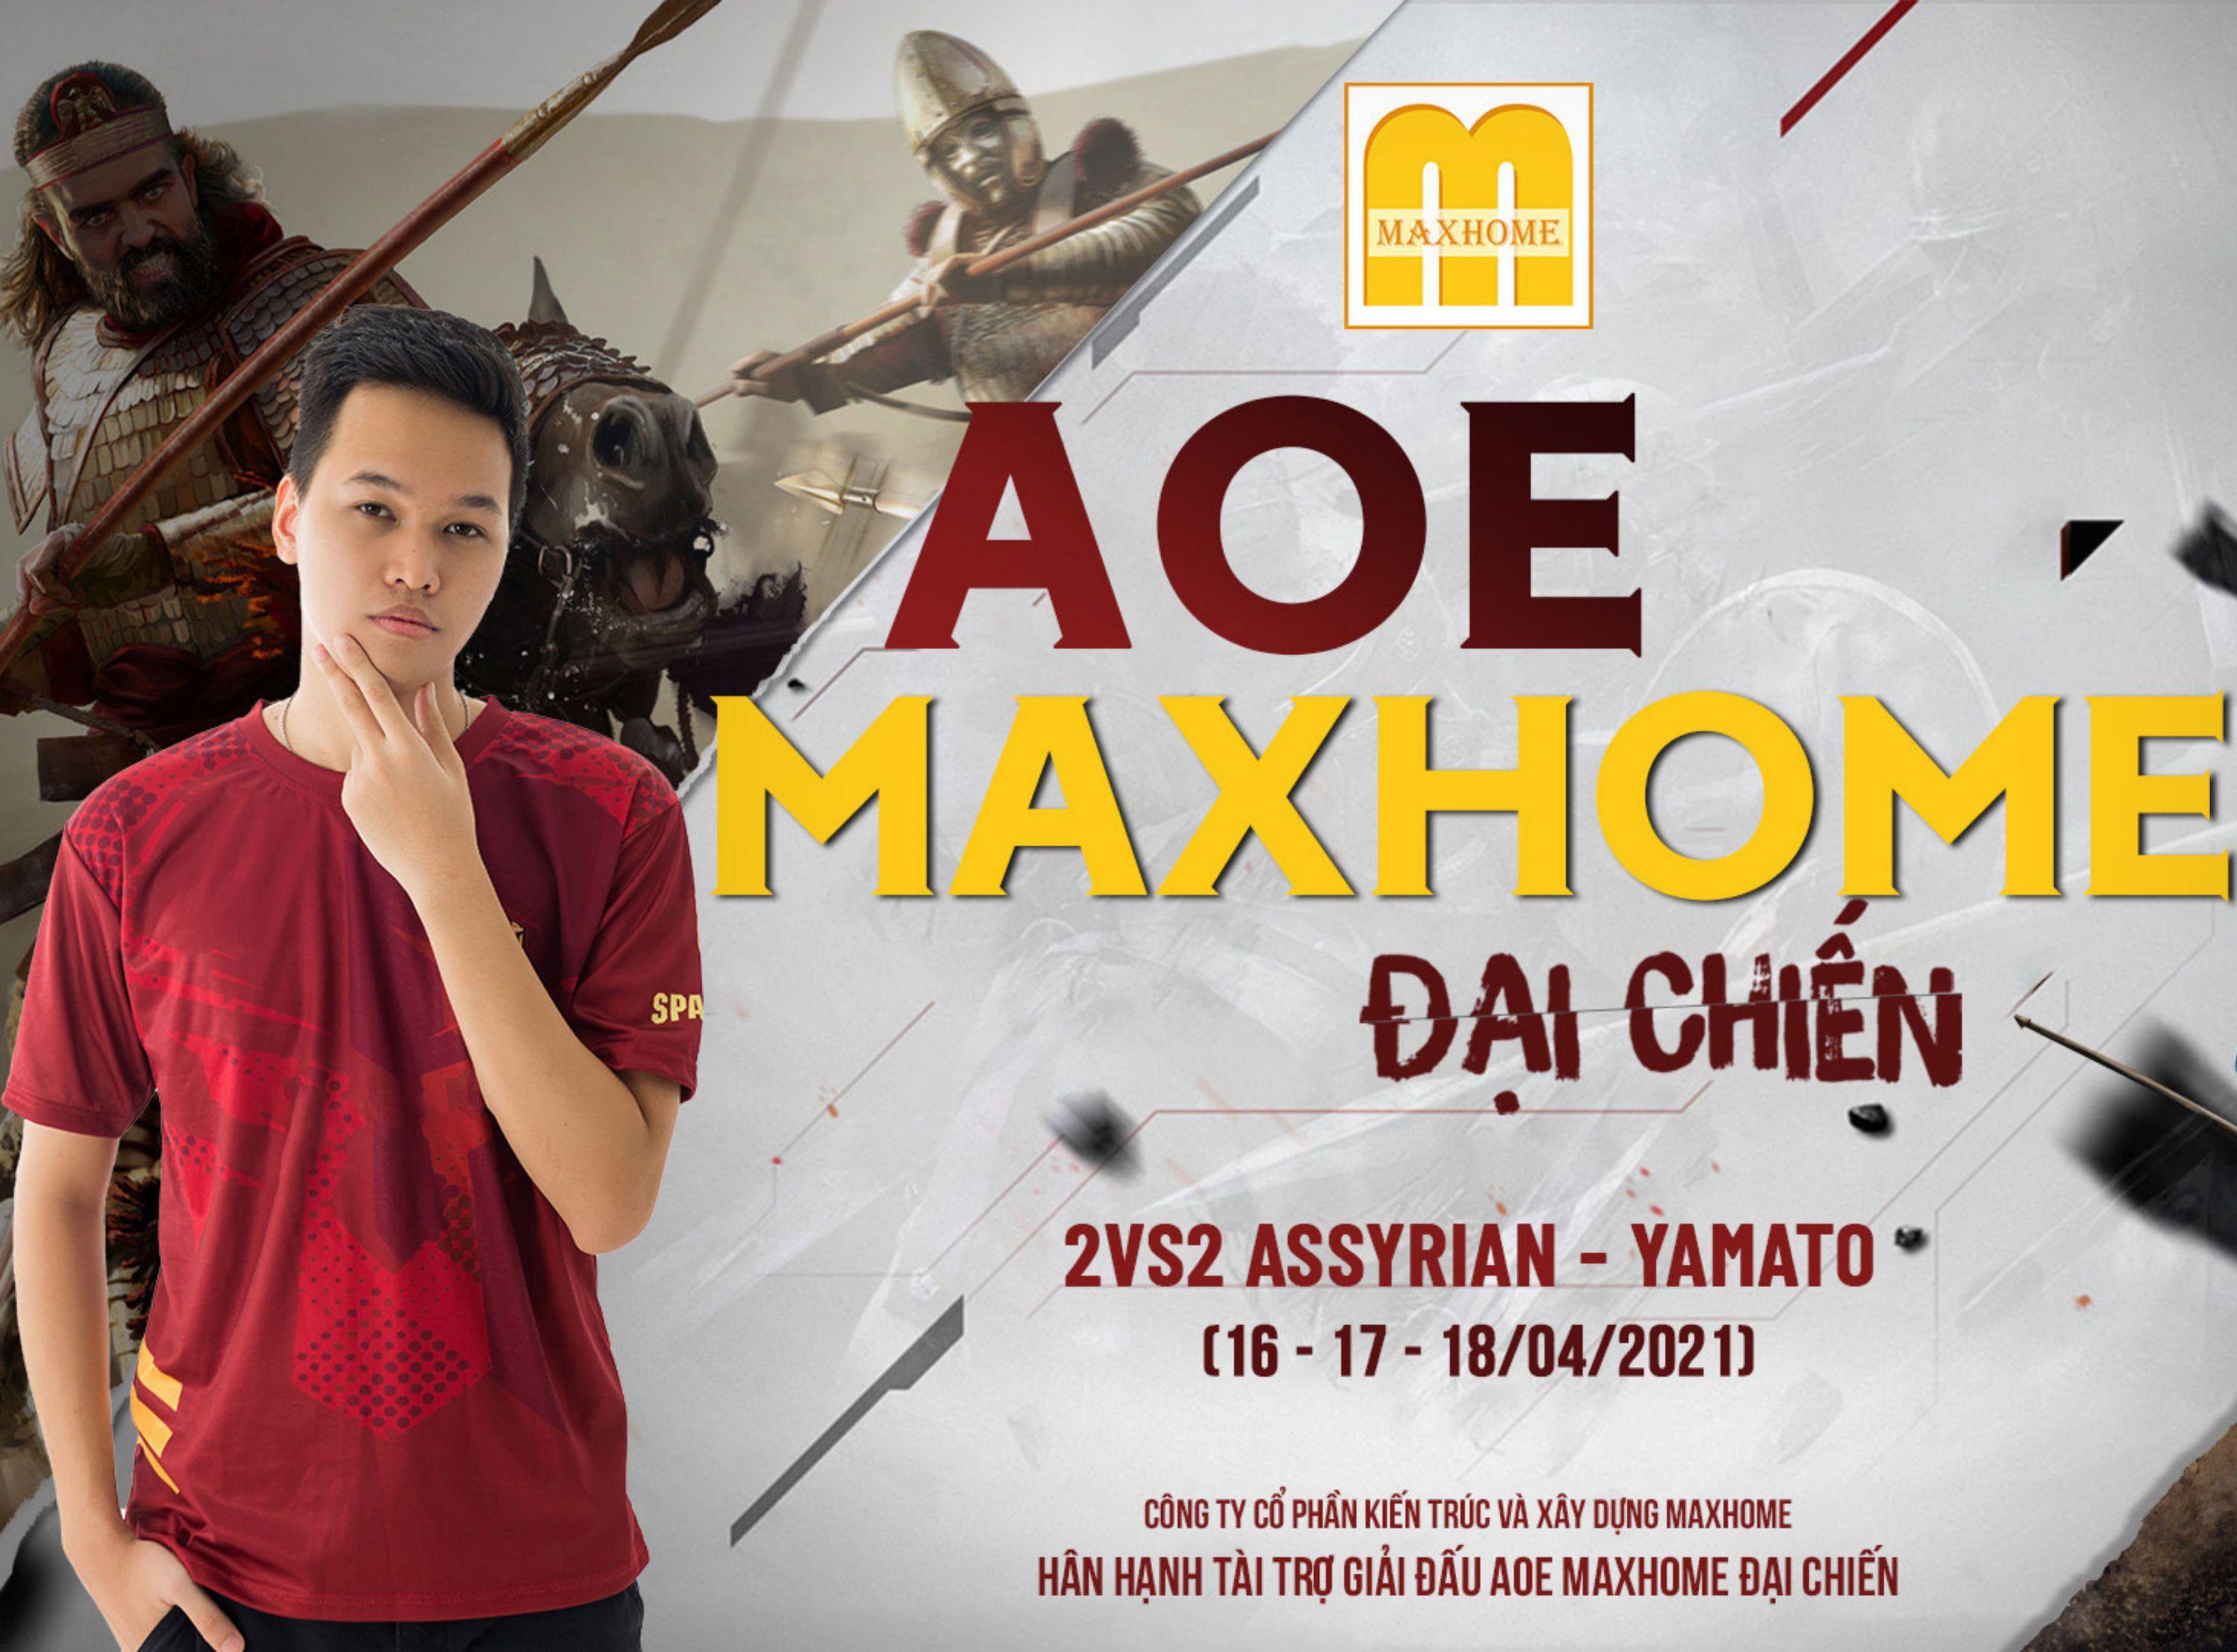 Giải đấu đế chế AoE MAXHOME đại chiến